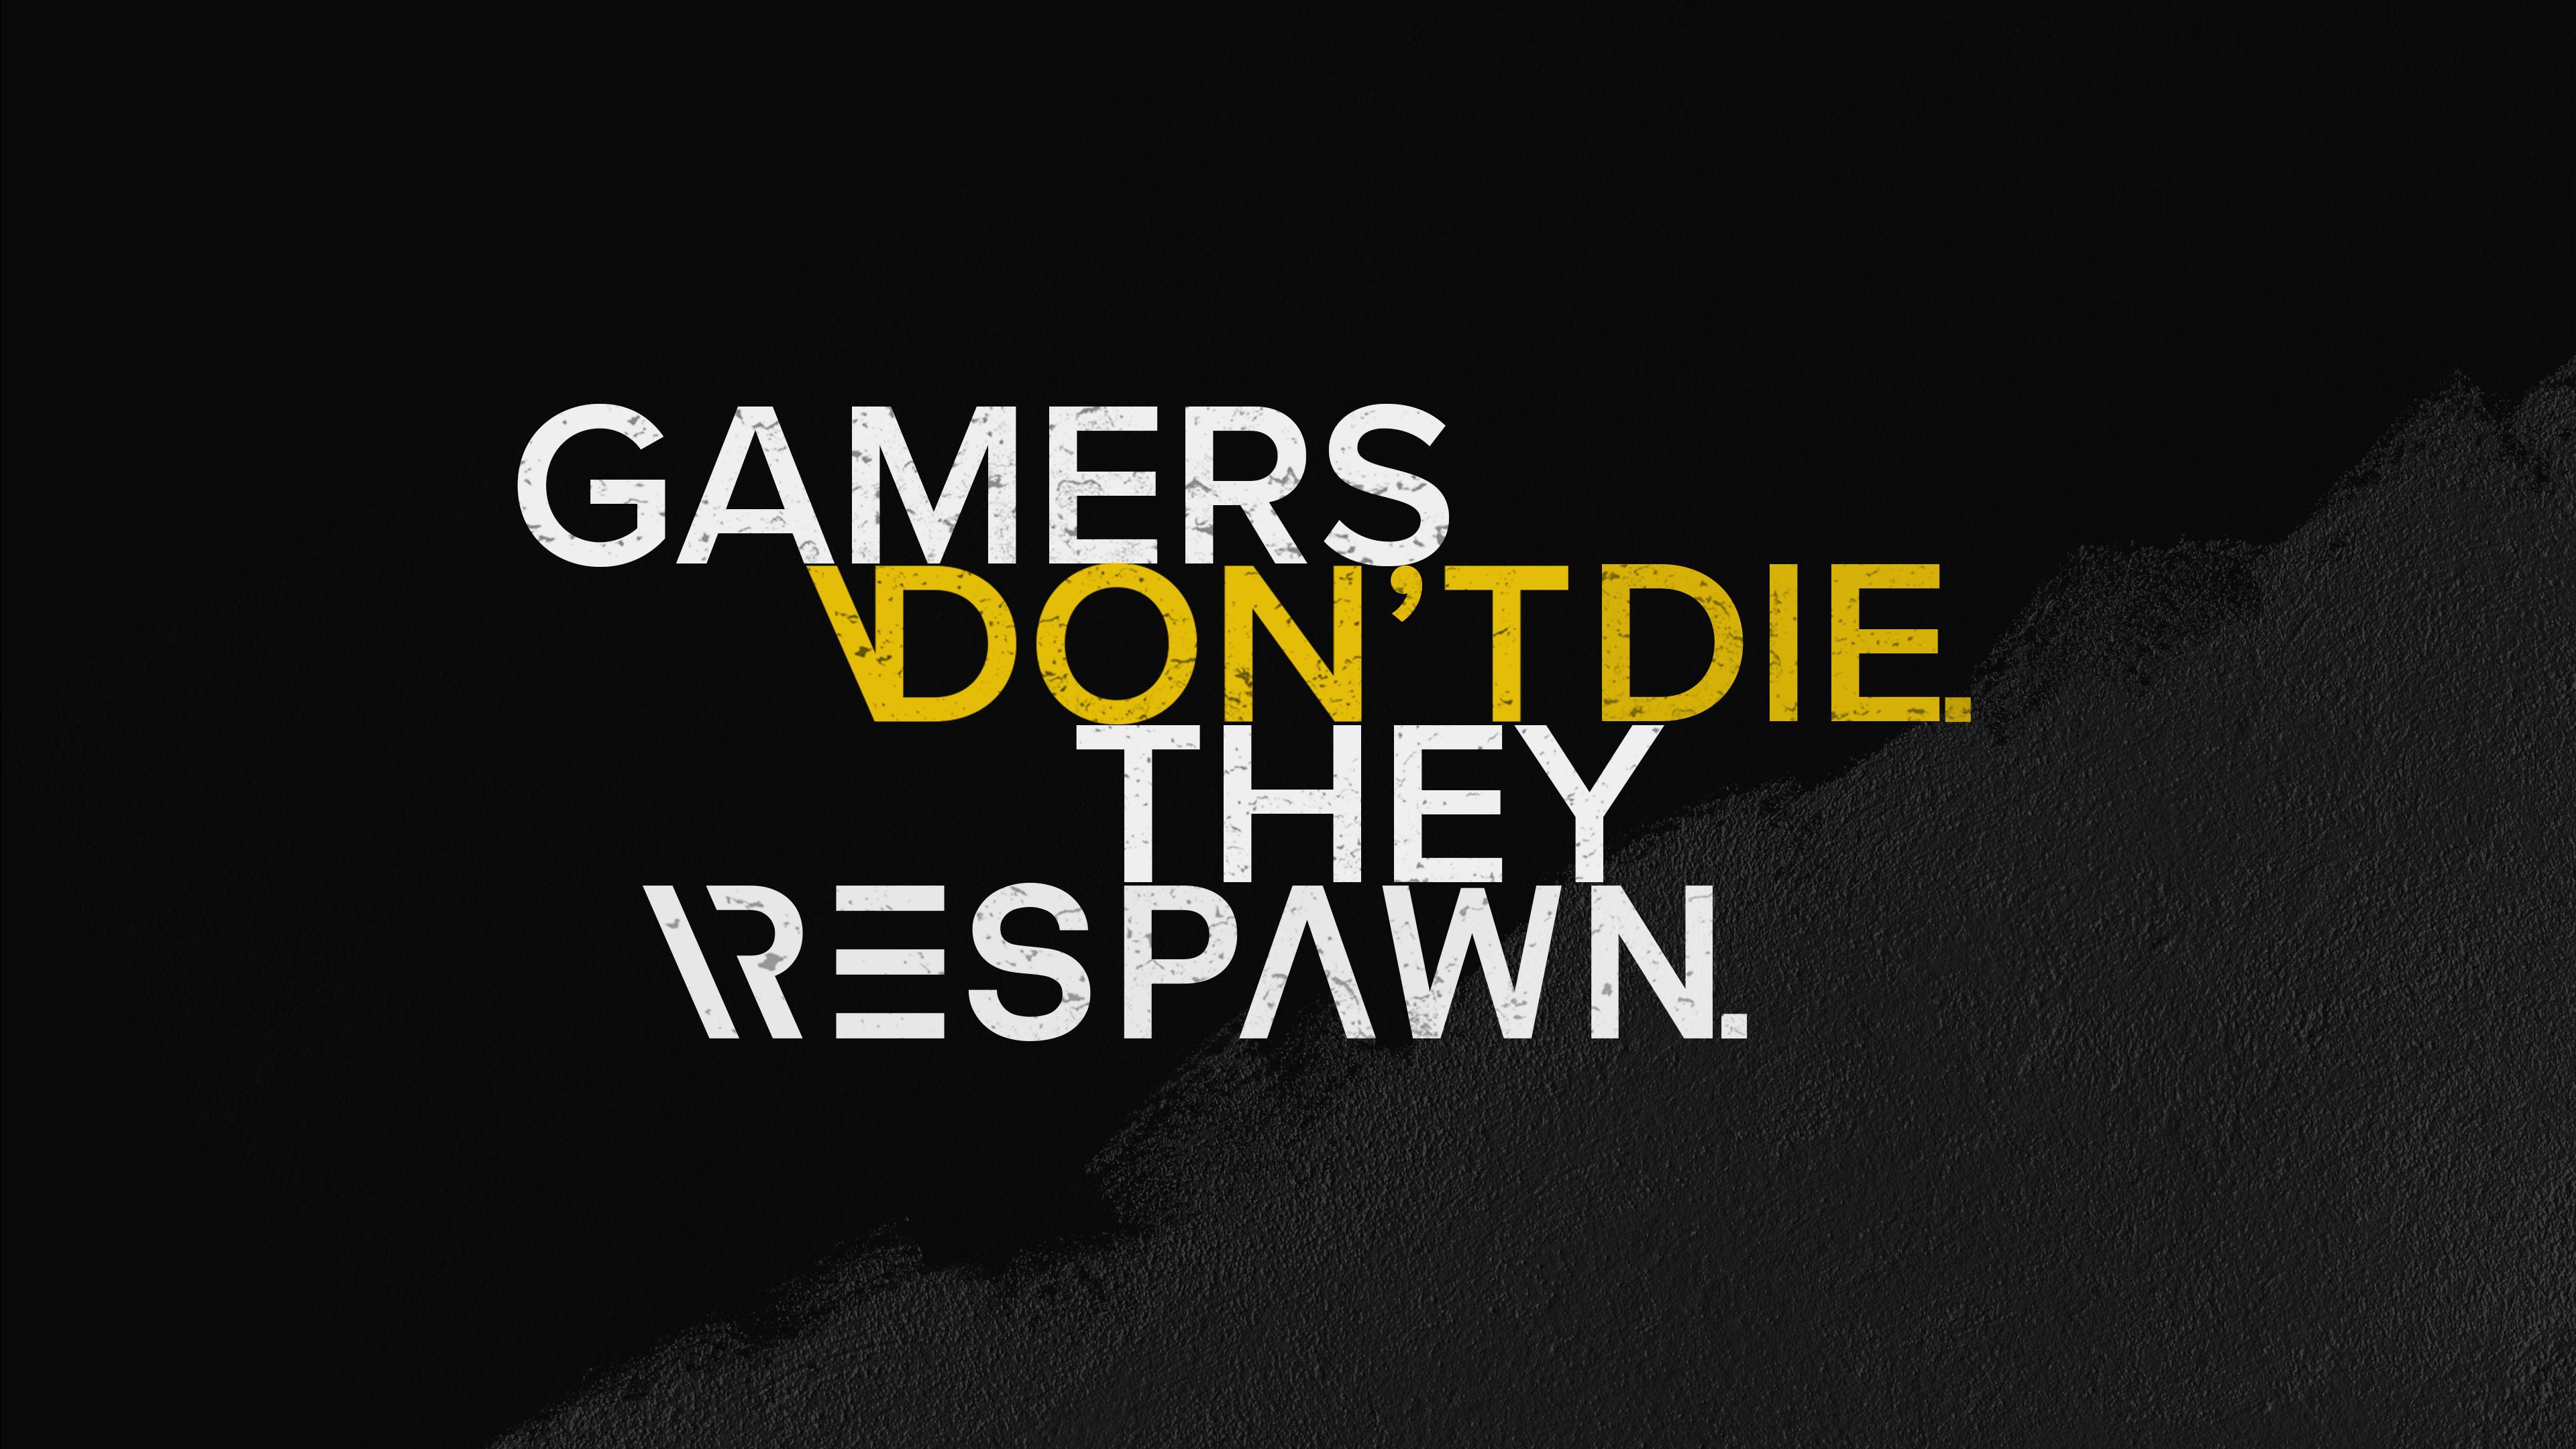 Gamer Quotes 4k Wallpaper Dont Die Respawn Hardcore Dark Background Black Dark 1392